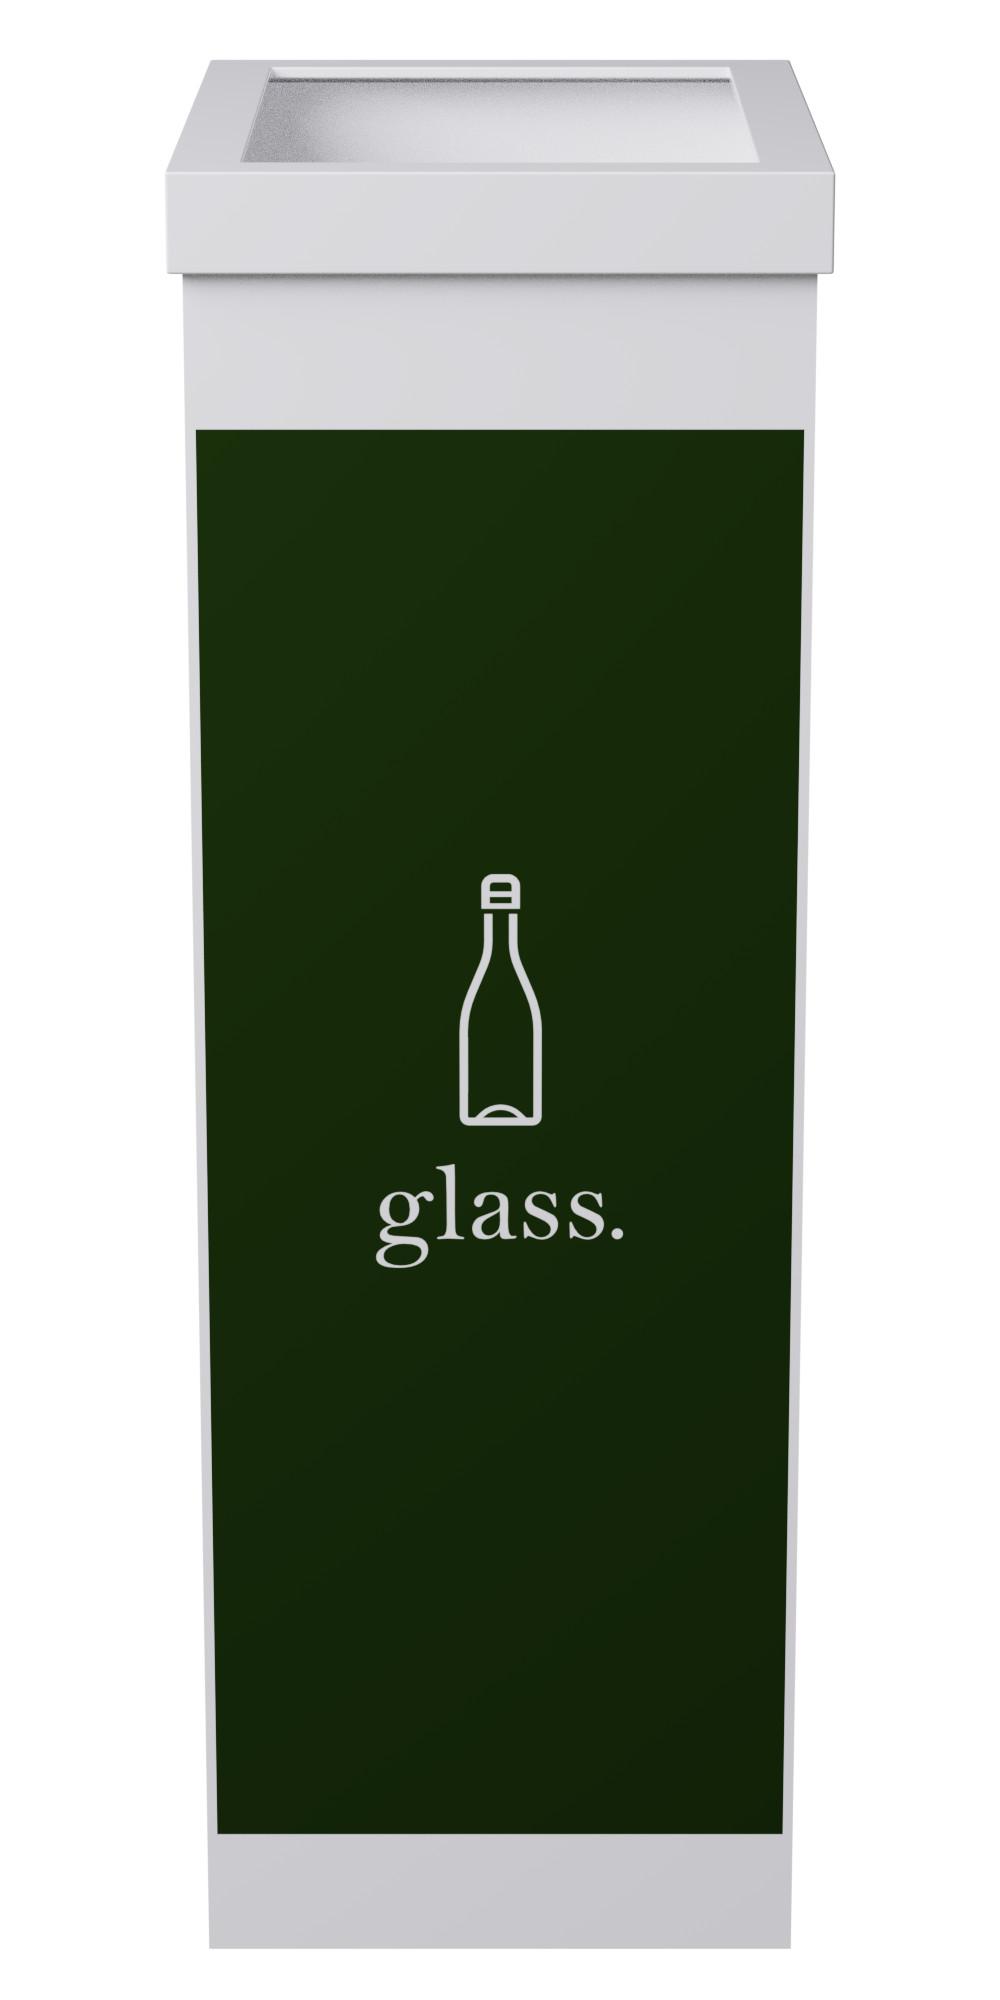 Corbeille de tri sélectif pour le verre